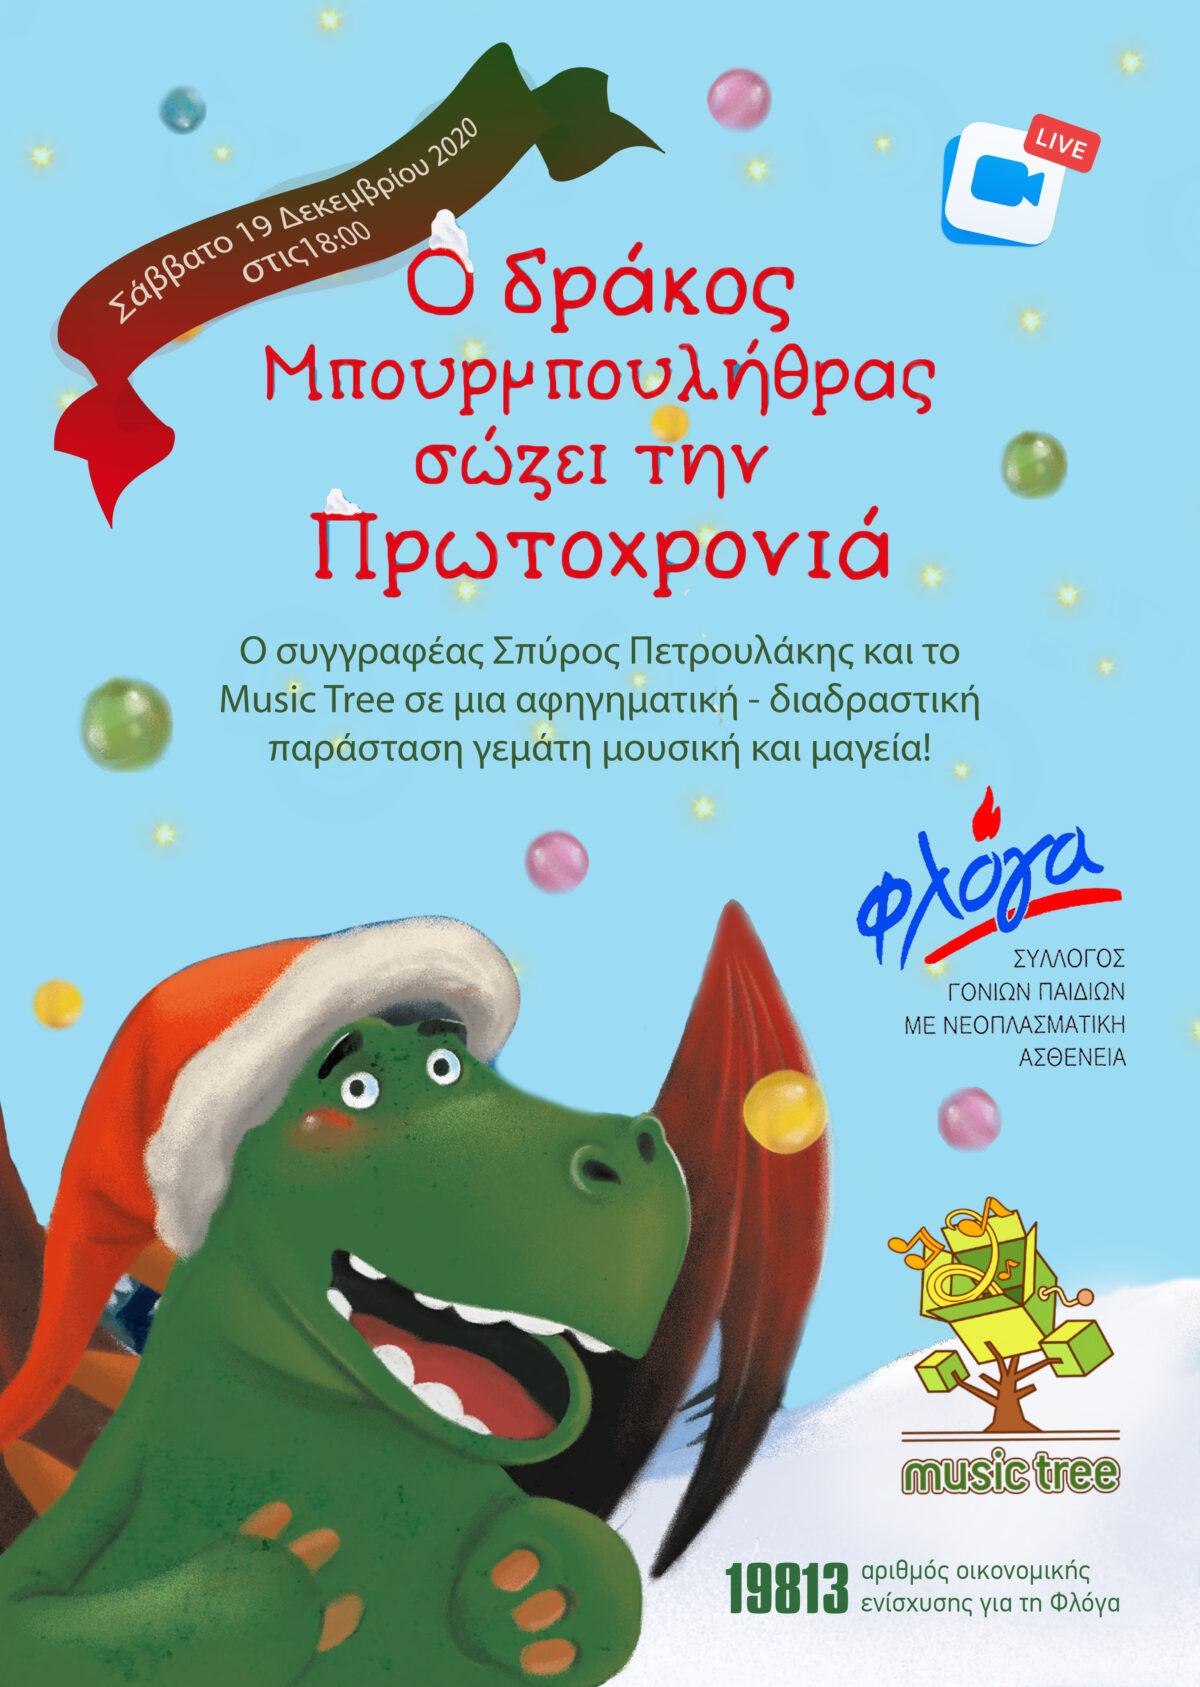 """Δείτε online την παράσταση """"Ο Δράκος Μπουρμπουλήθρας σώζει την Πρωτοχρονιά"""" που είναι αφιερωμένη στη ΦΛΟΓΑ"""